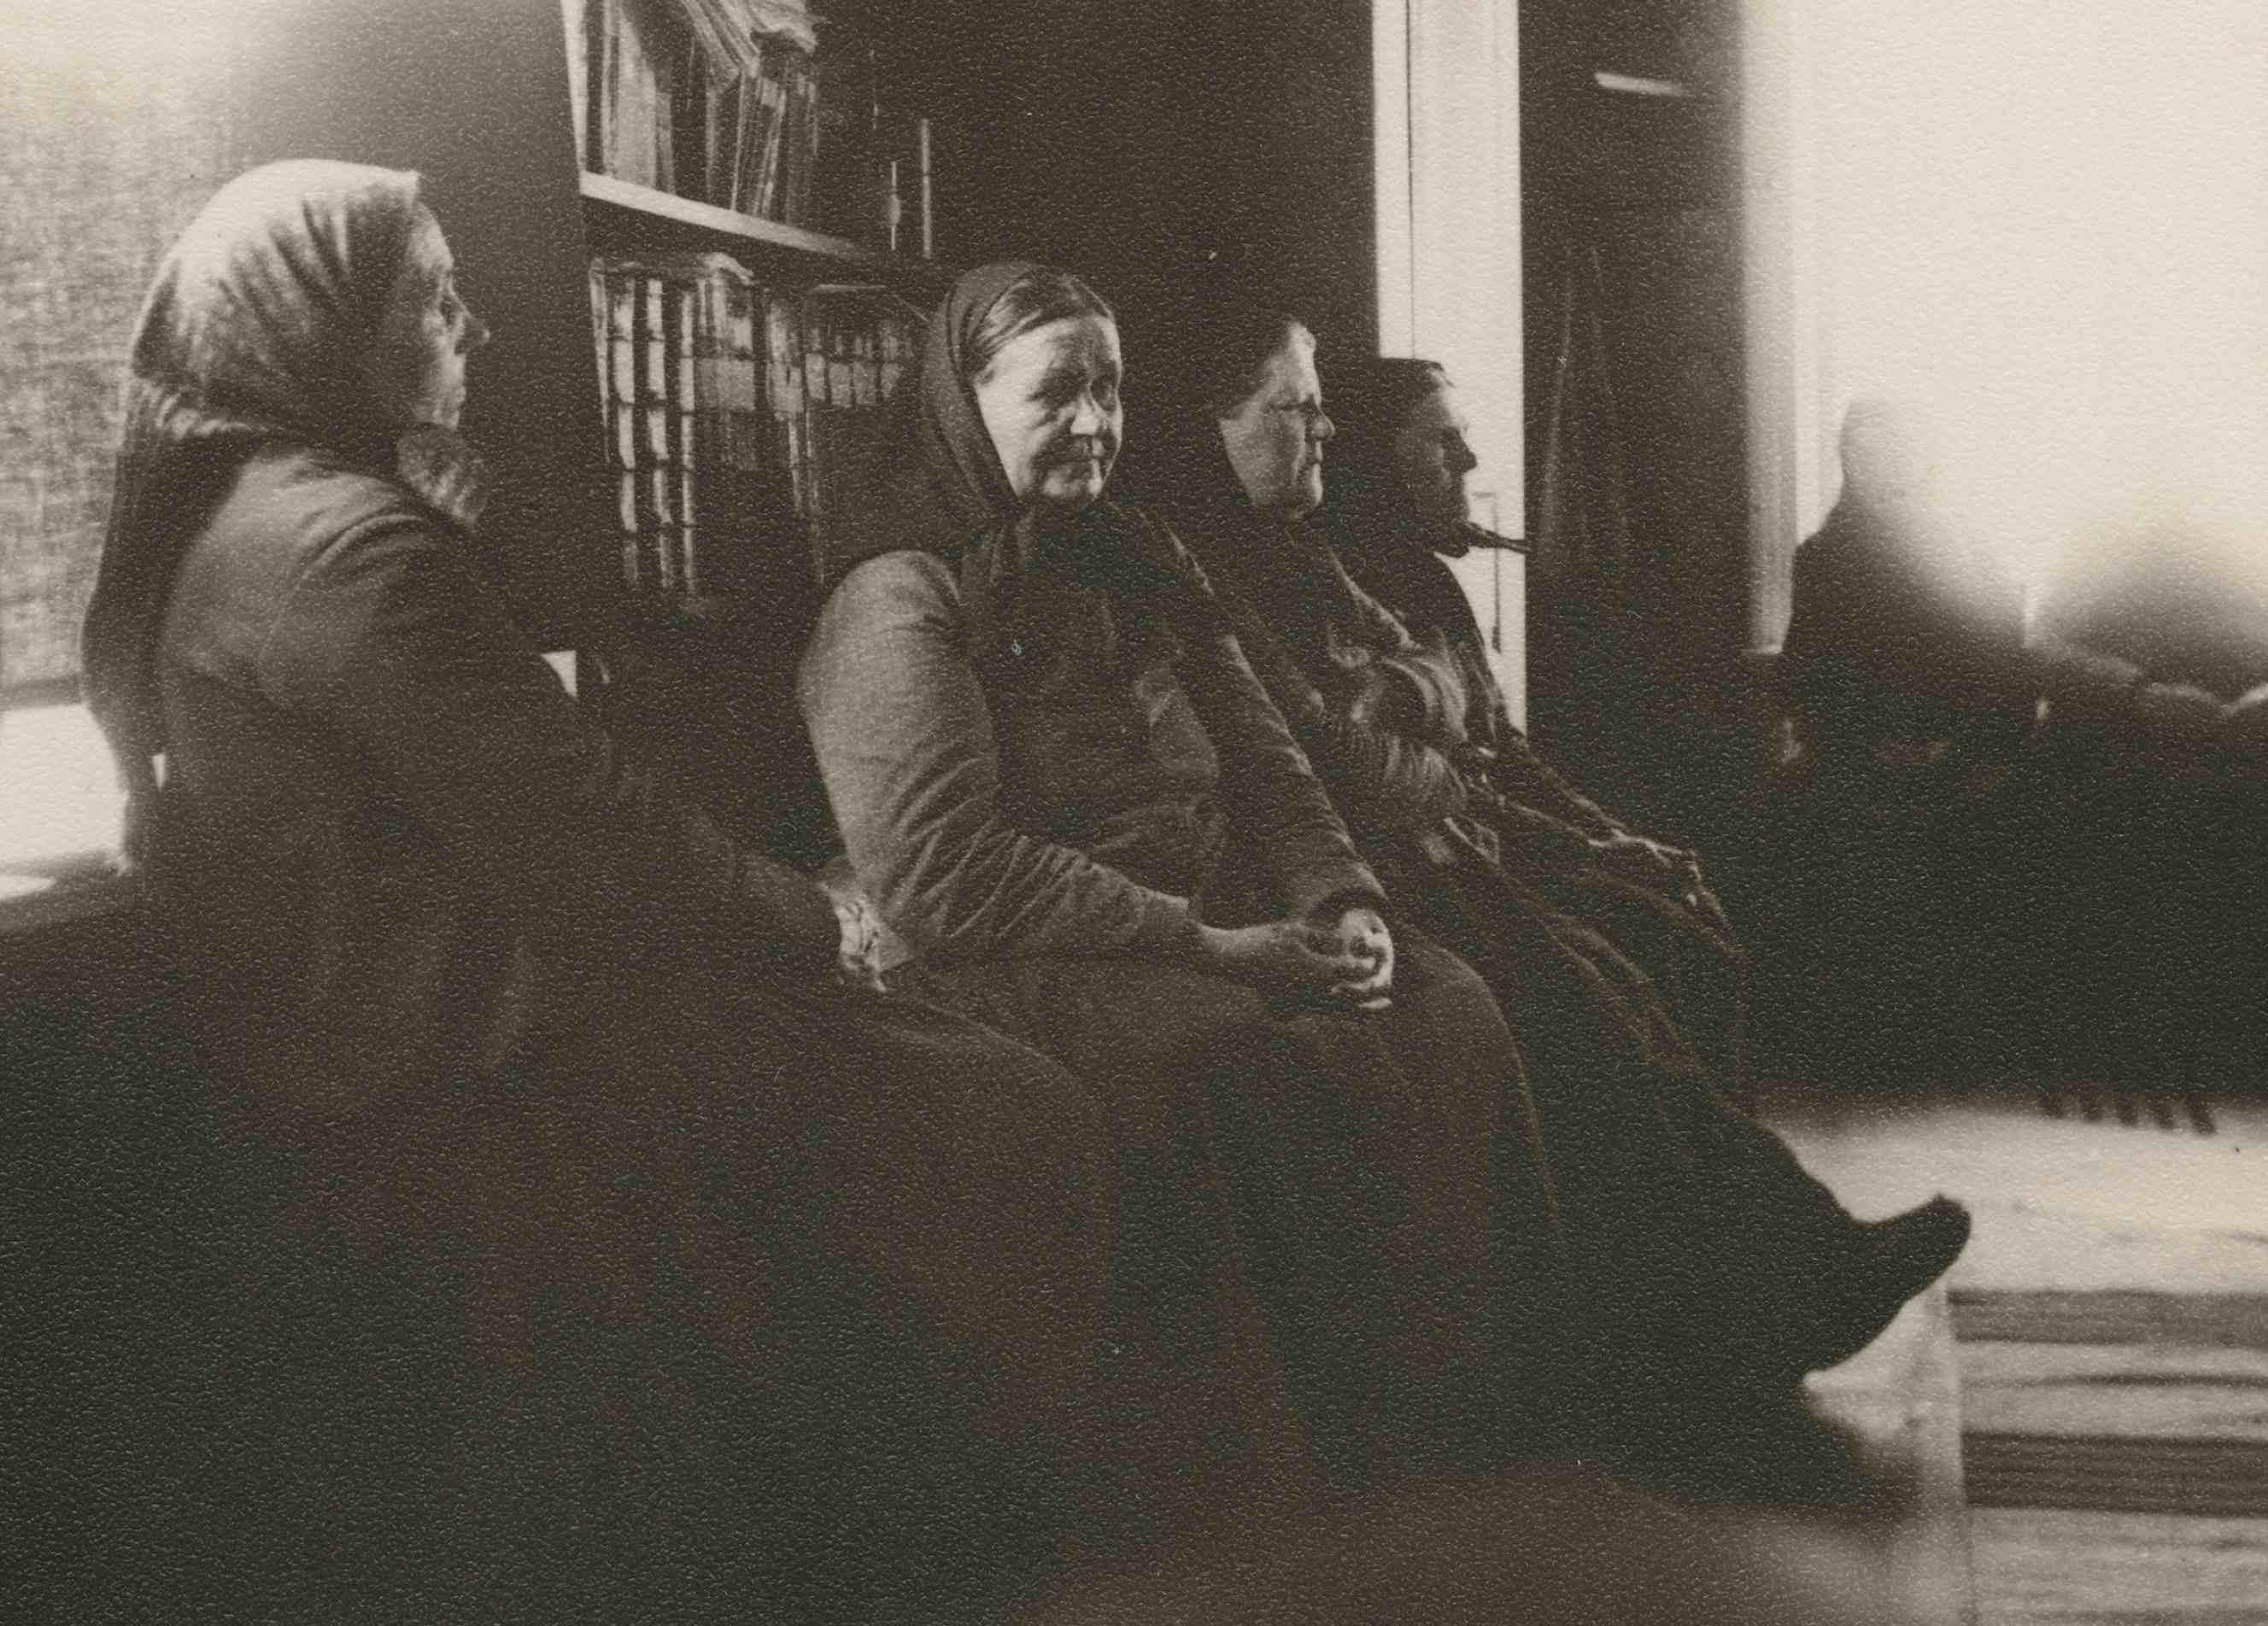 Herännäisiin kuuluneita naisia Iisalmen maaseurakunnan pappilassa 1800-luvun lopussa. Venny Soldan-Brofelt käytti valokuvaa maalatessaan Pariisin maailmannäyttelyssä 1900 esillä ollutta Heränneet-teostaan (1898). (Museovirasto)